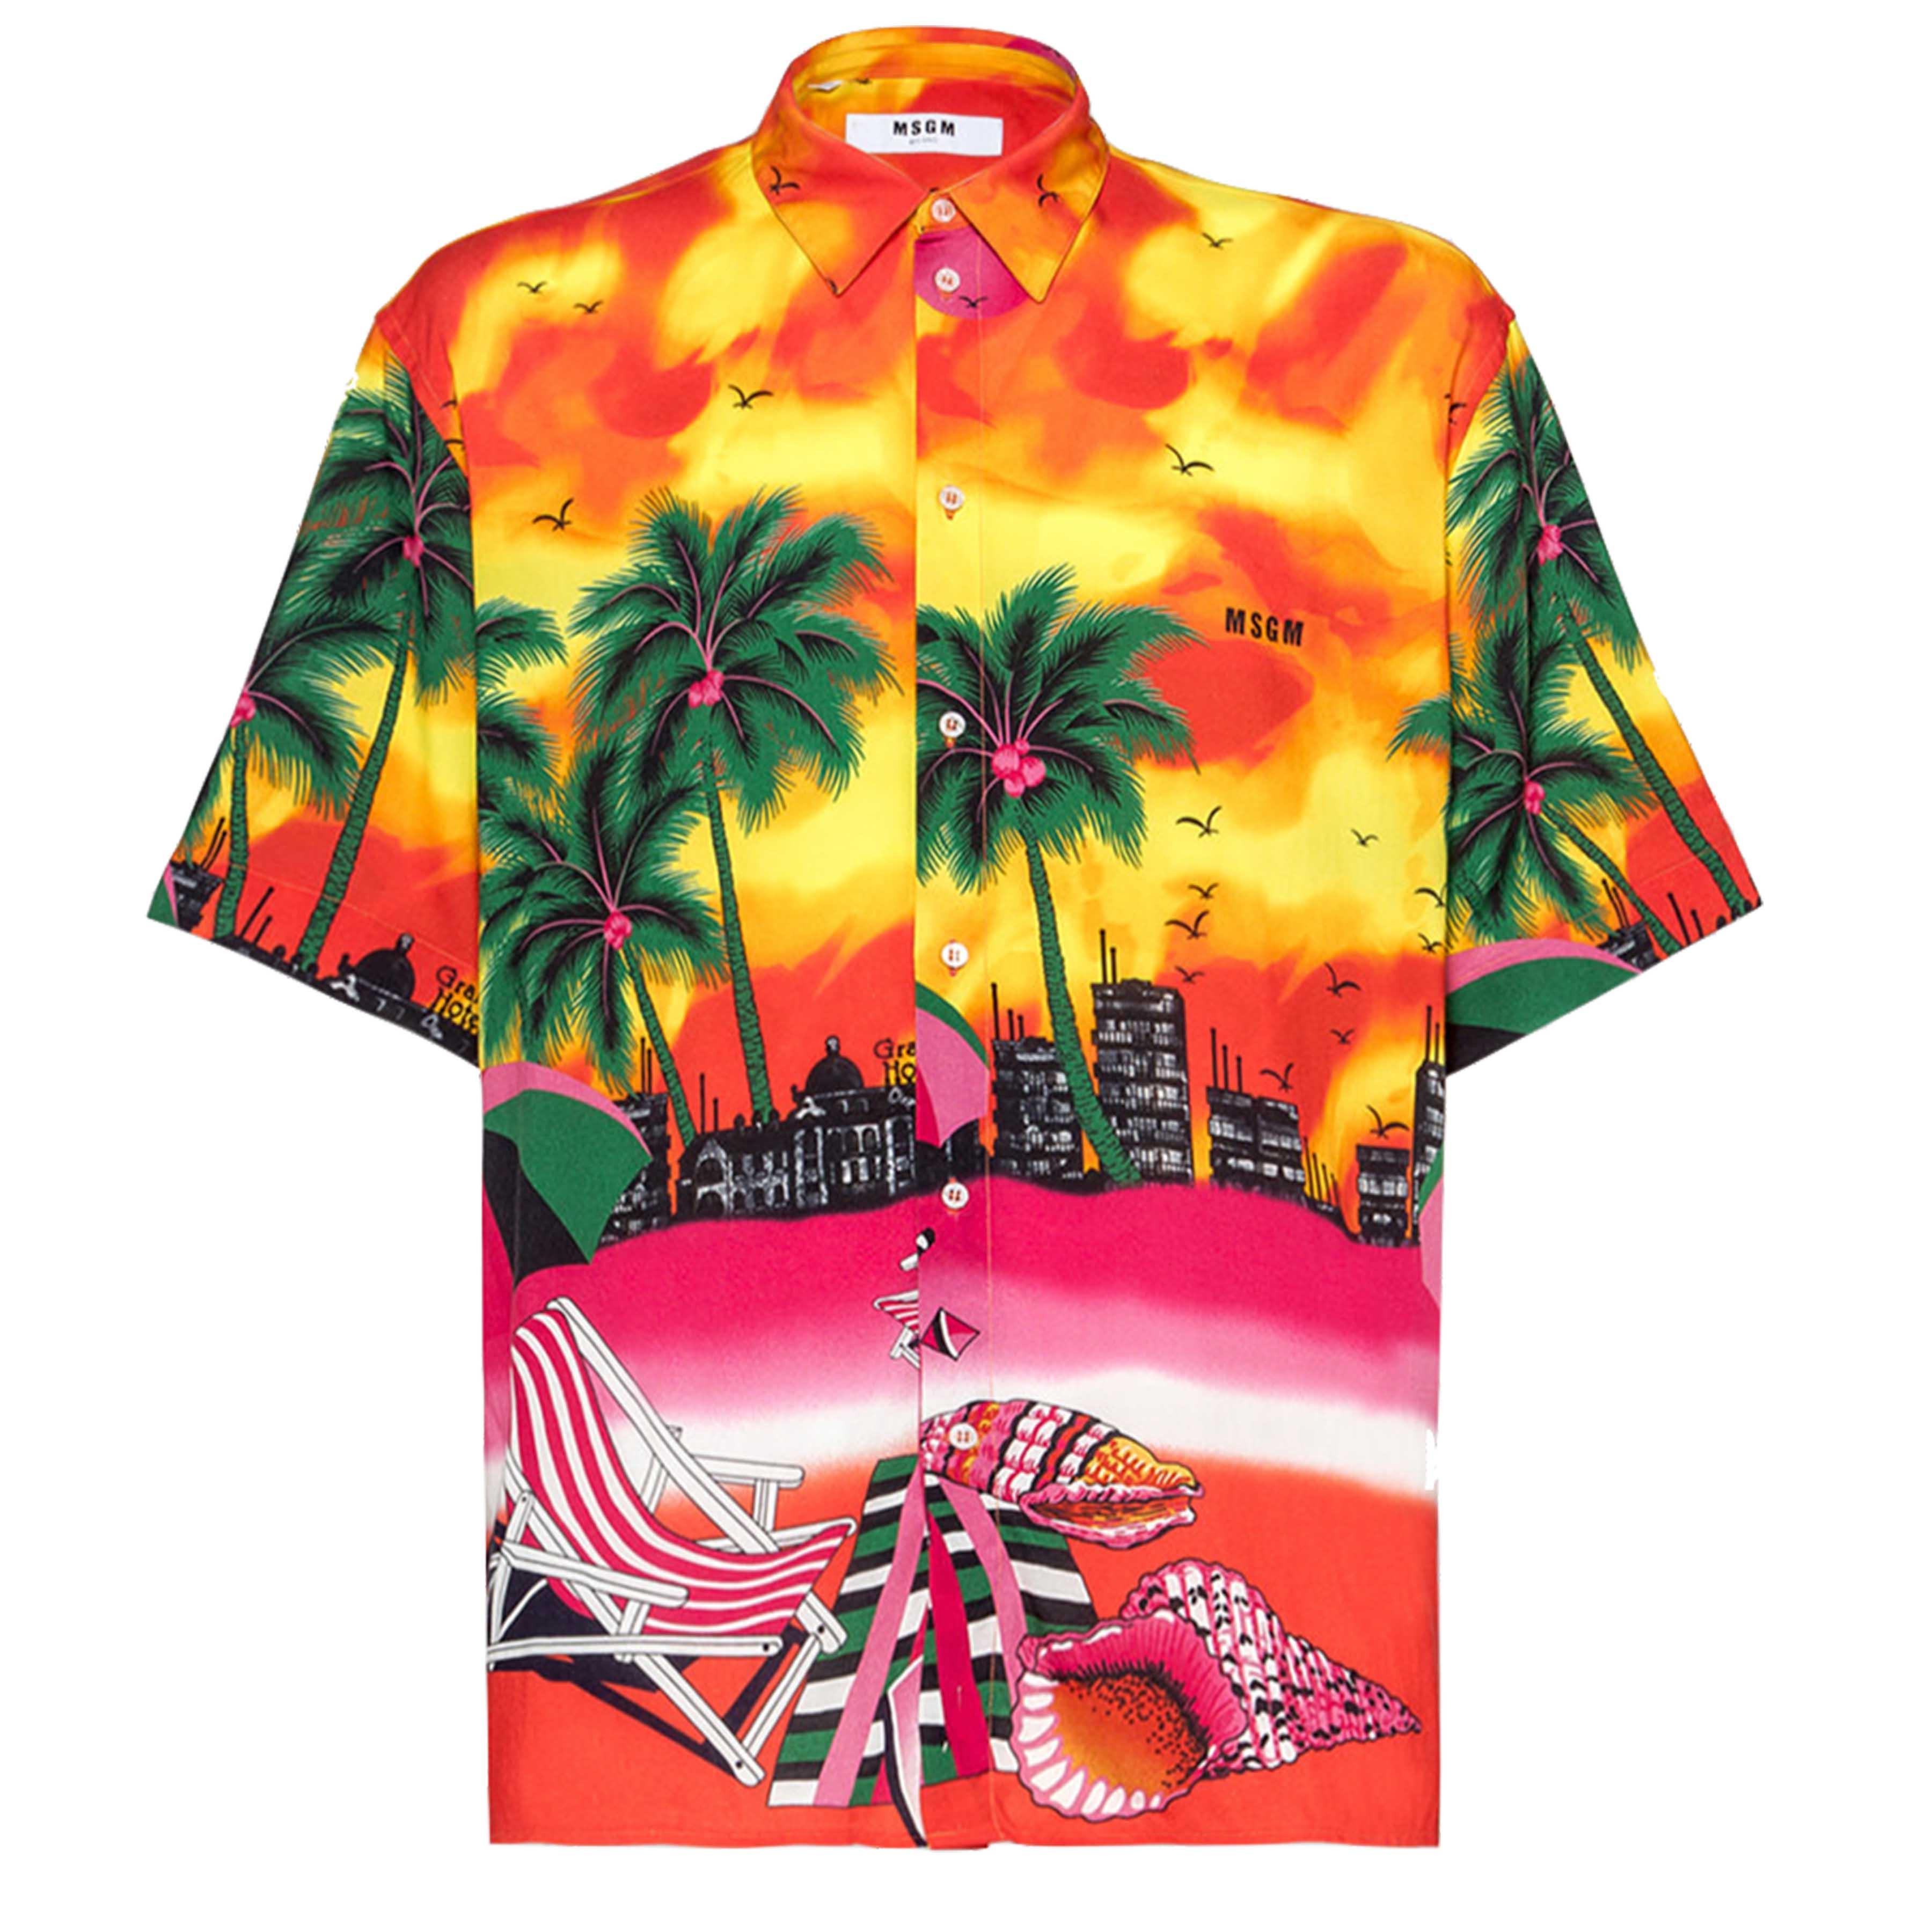 SS19 Printed Shirts: MSGM